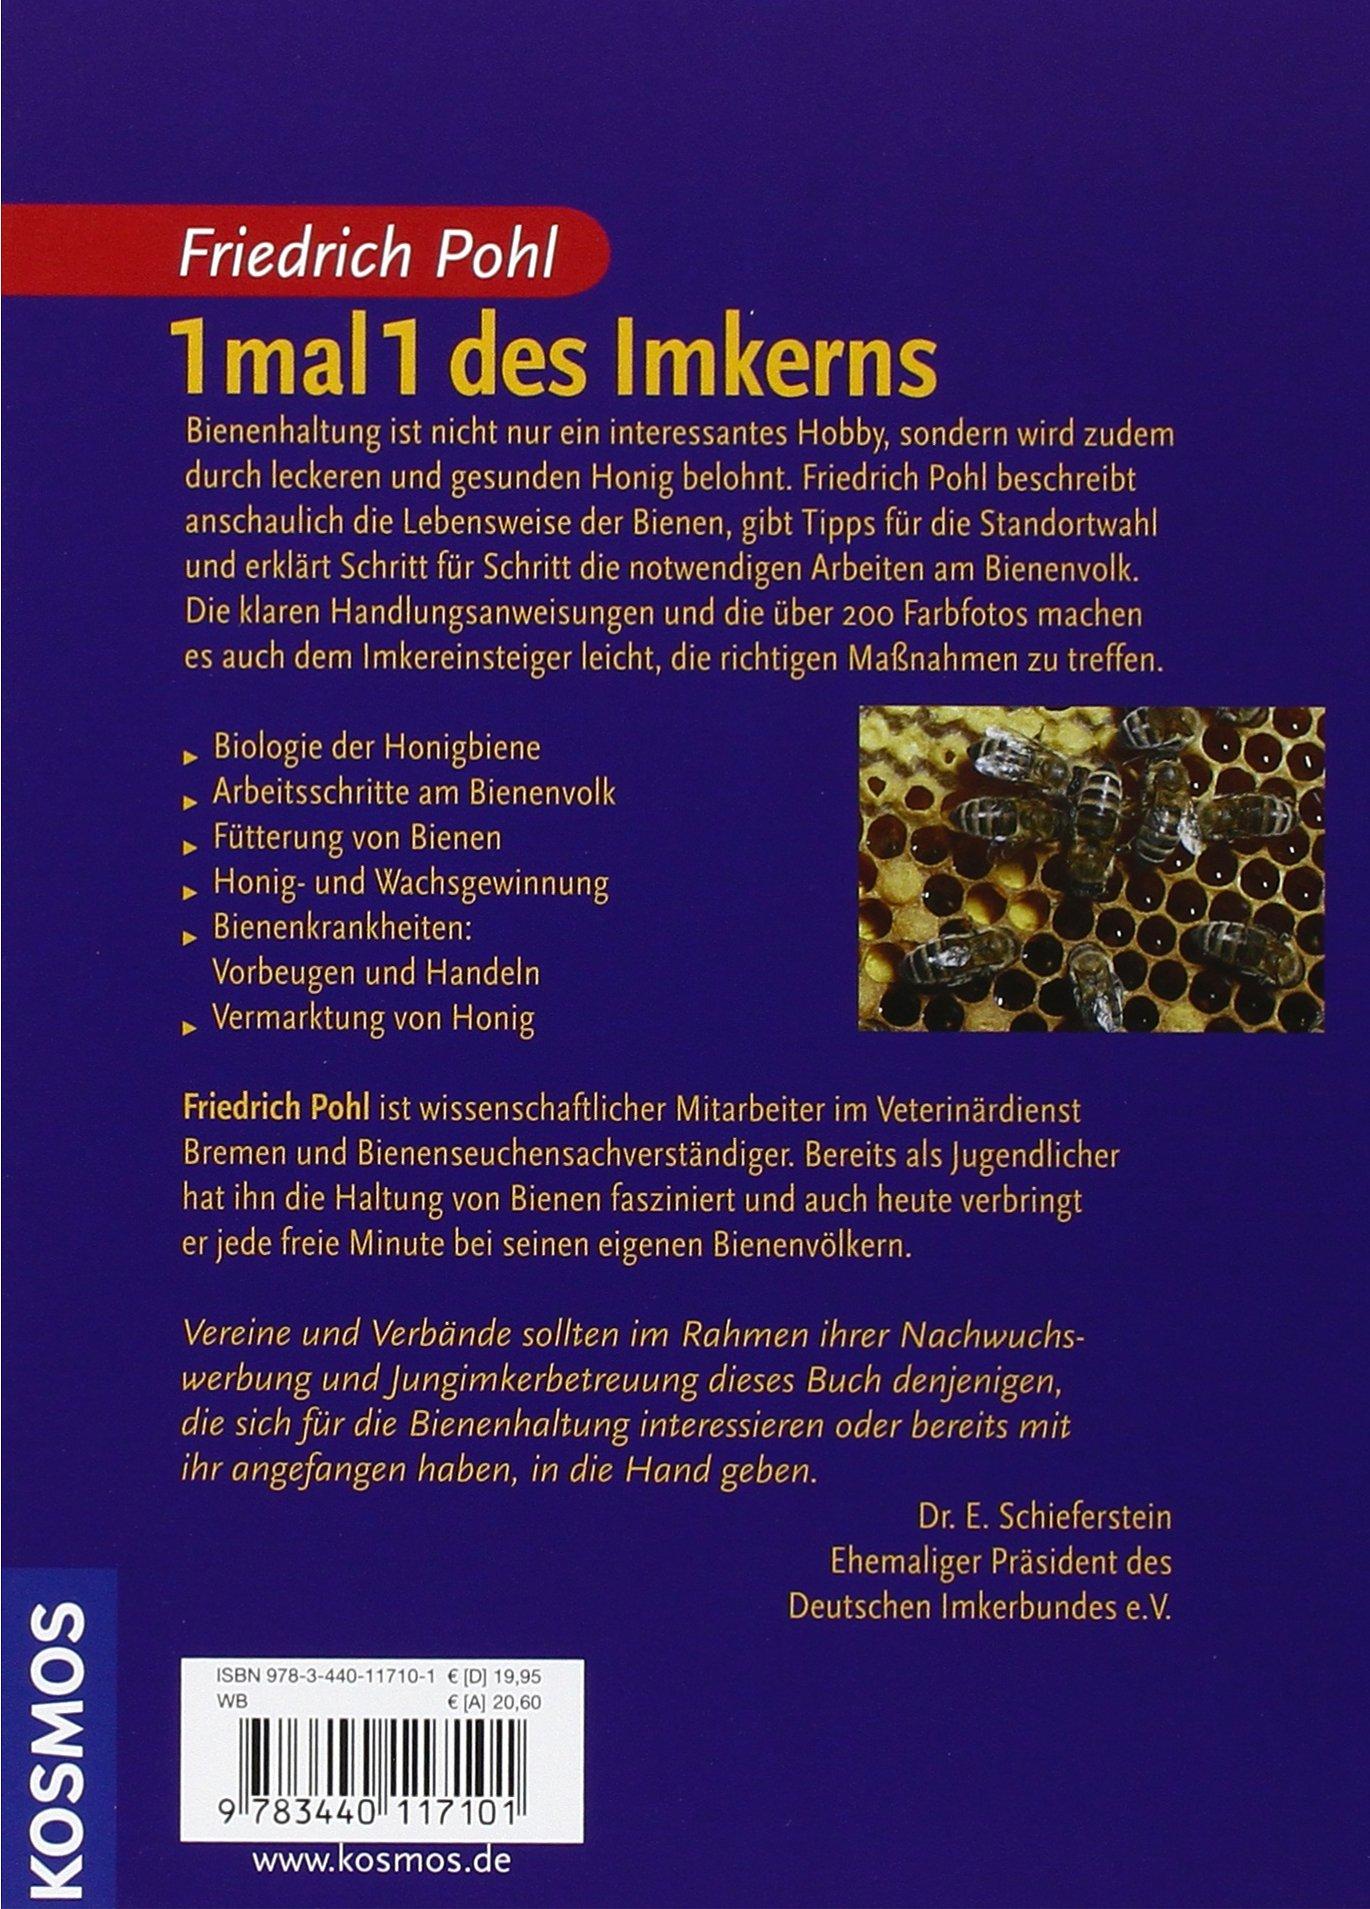 1 mal 1 des Imkerns: Amazon.de: Friedrich Pohl: Bücher